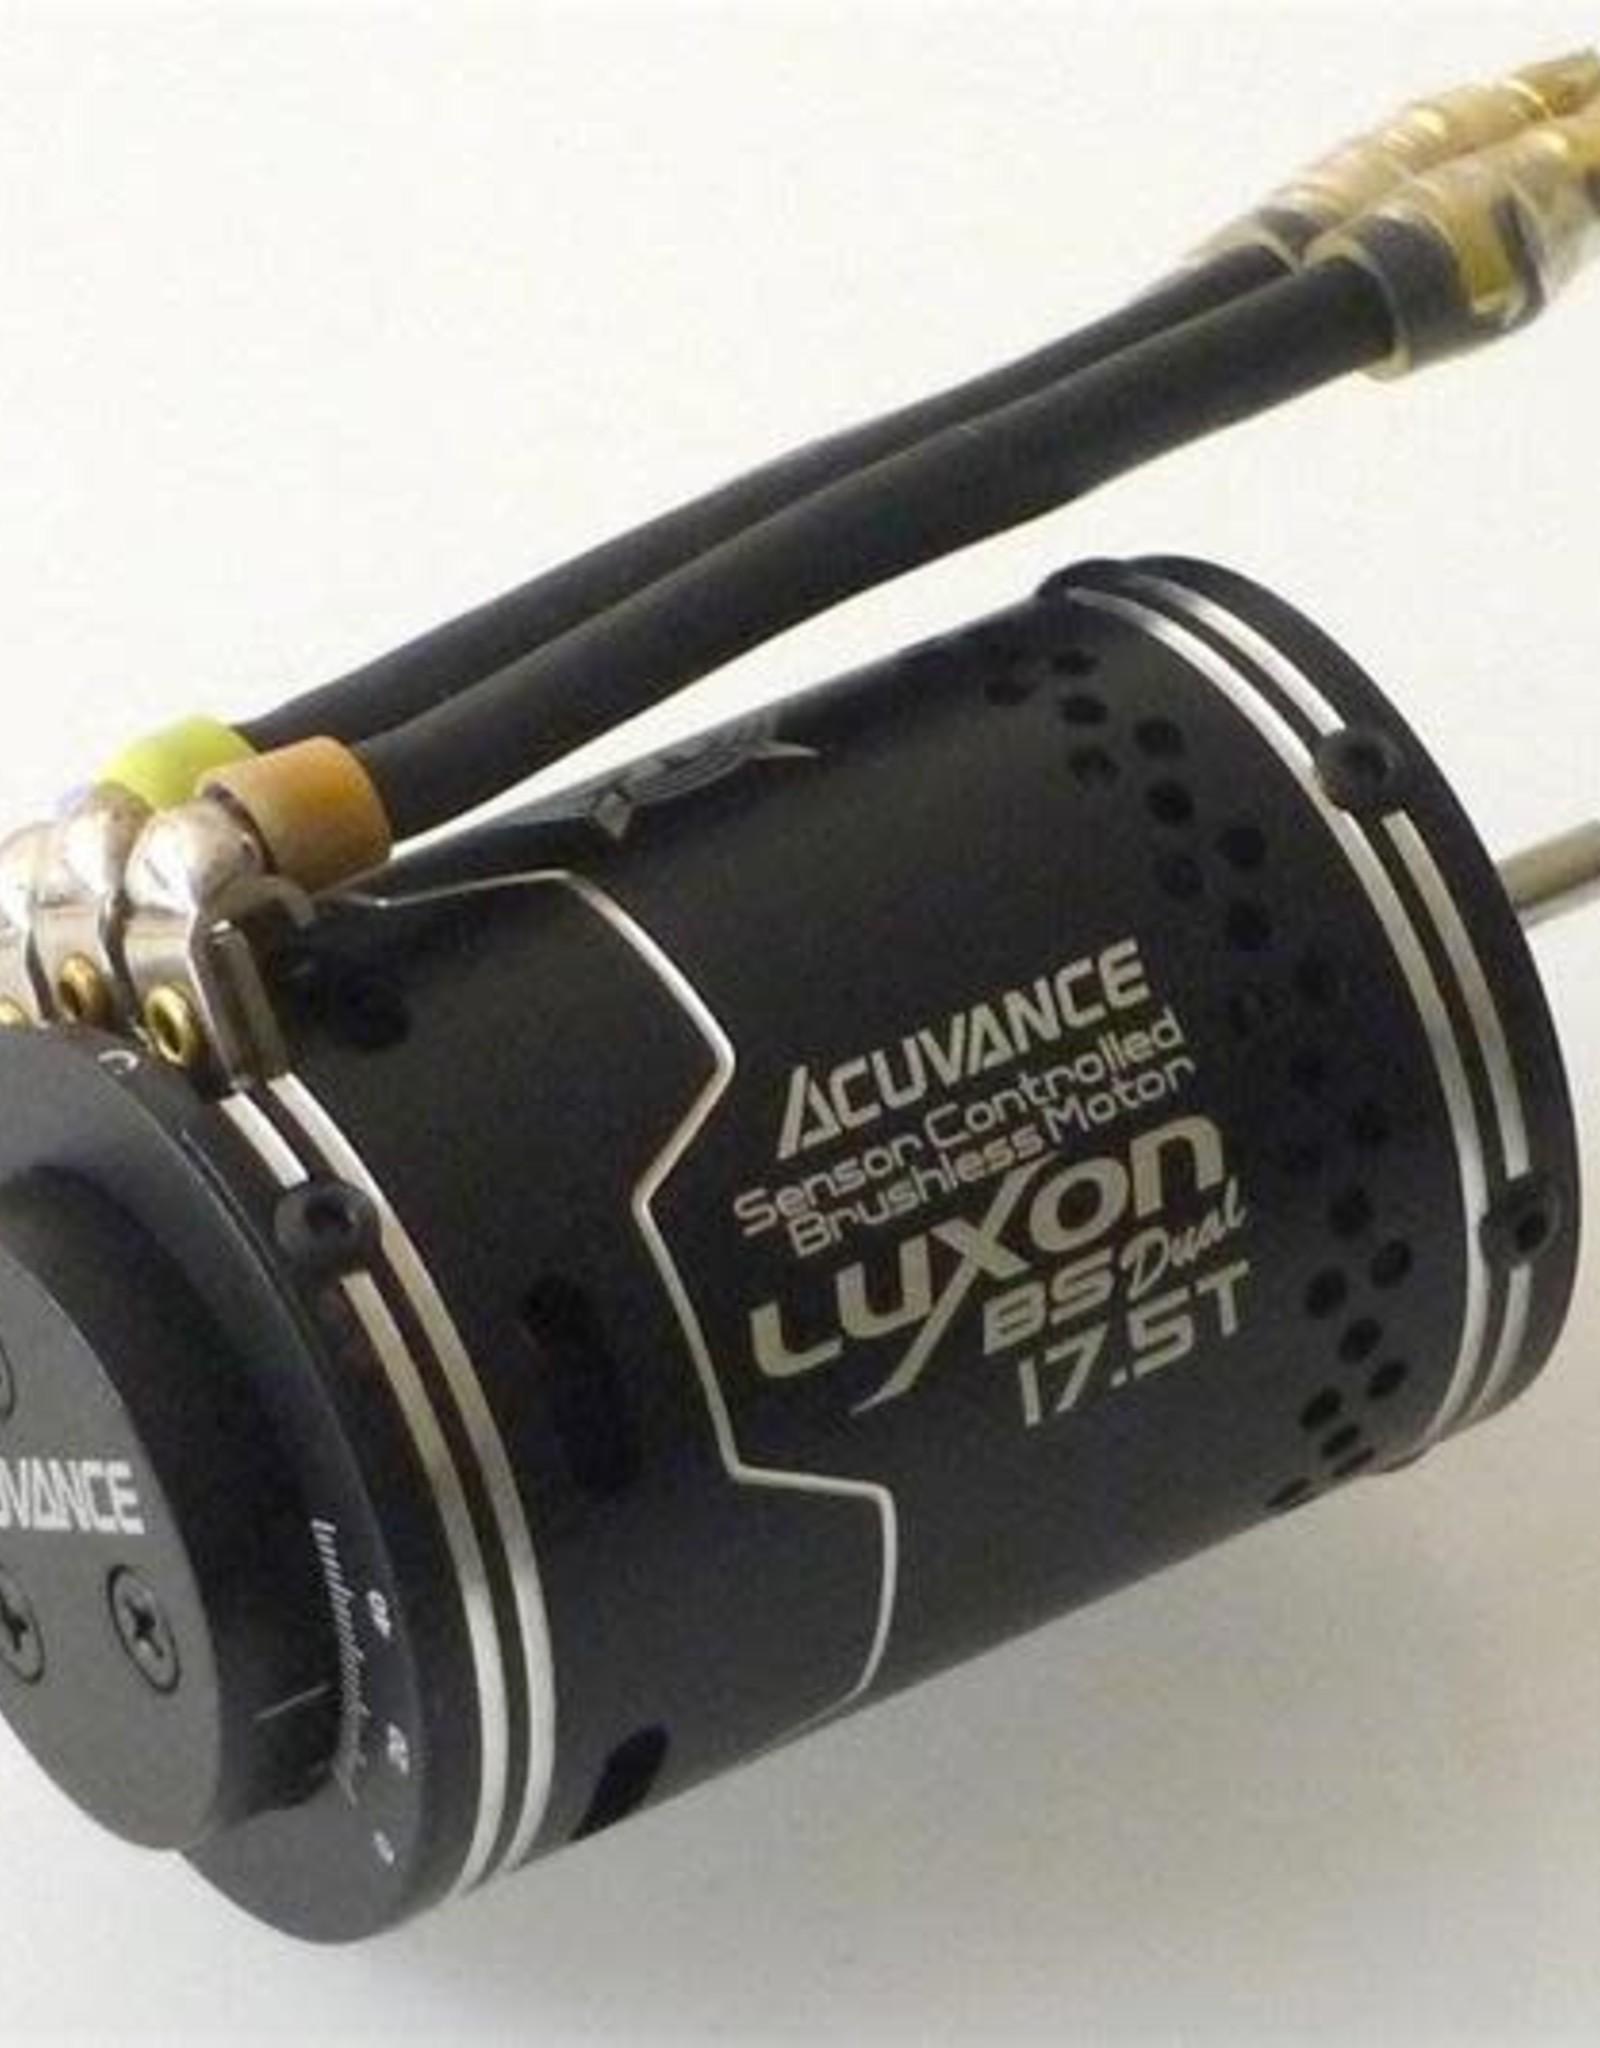 Acuvance ACCU60436 LUXON BS Dual 17.5T - Acuvance 60436